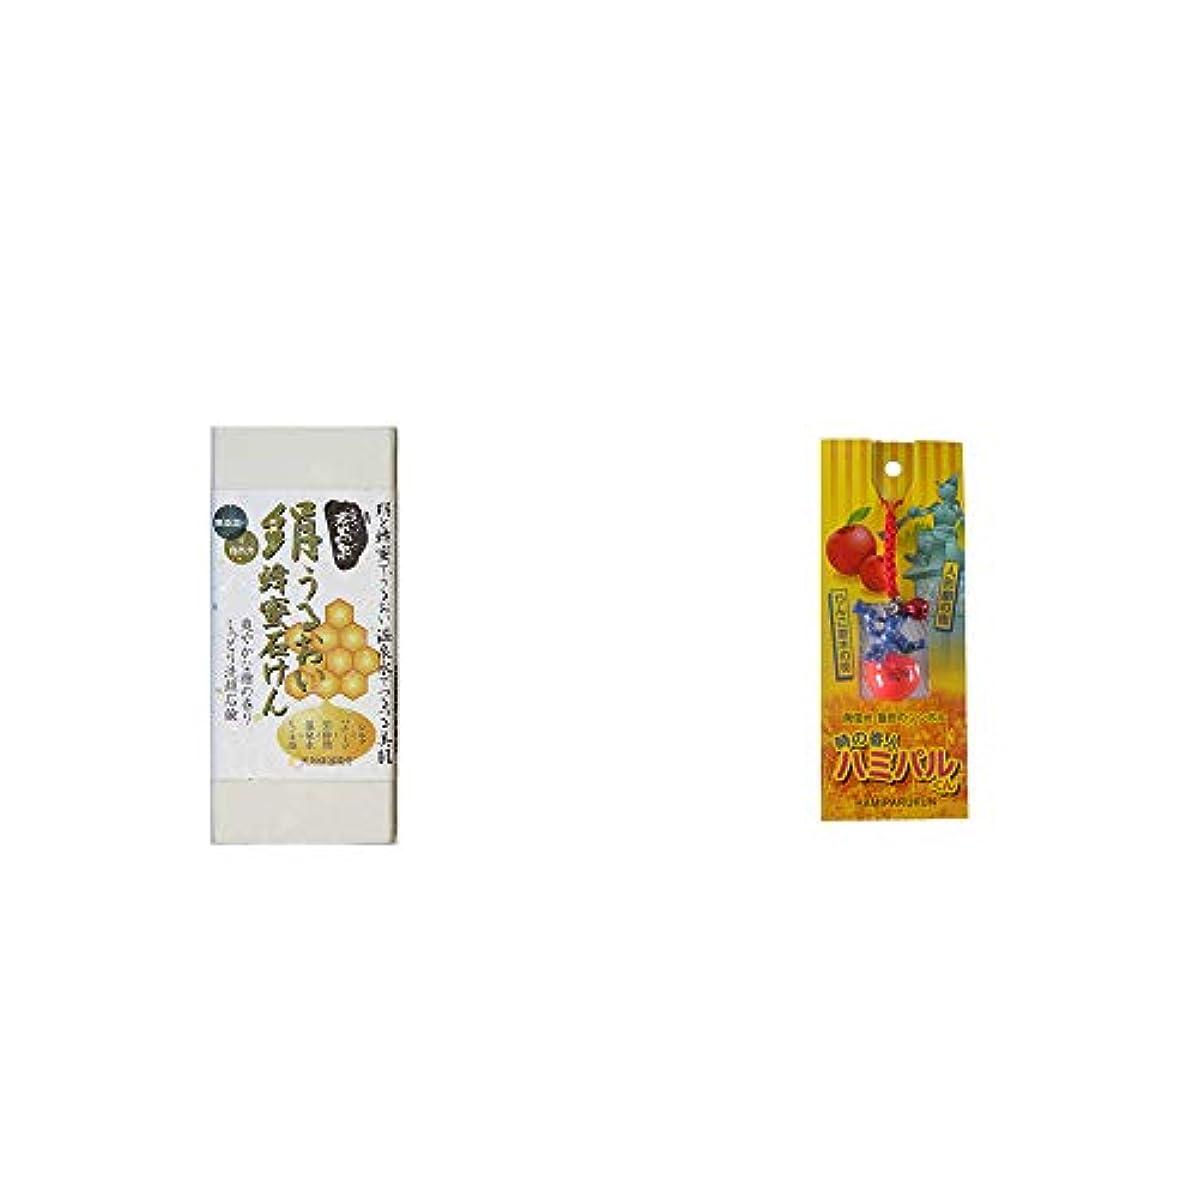 ペネロペ多くの危険がある状況拡声器[2点セット] ひのき炭黒泉 絹うるおい蜂蜜石けん(75g×2)?信州?飯田のシンボル 時の番人ハミパルくんストラップ